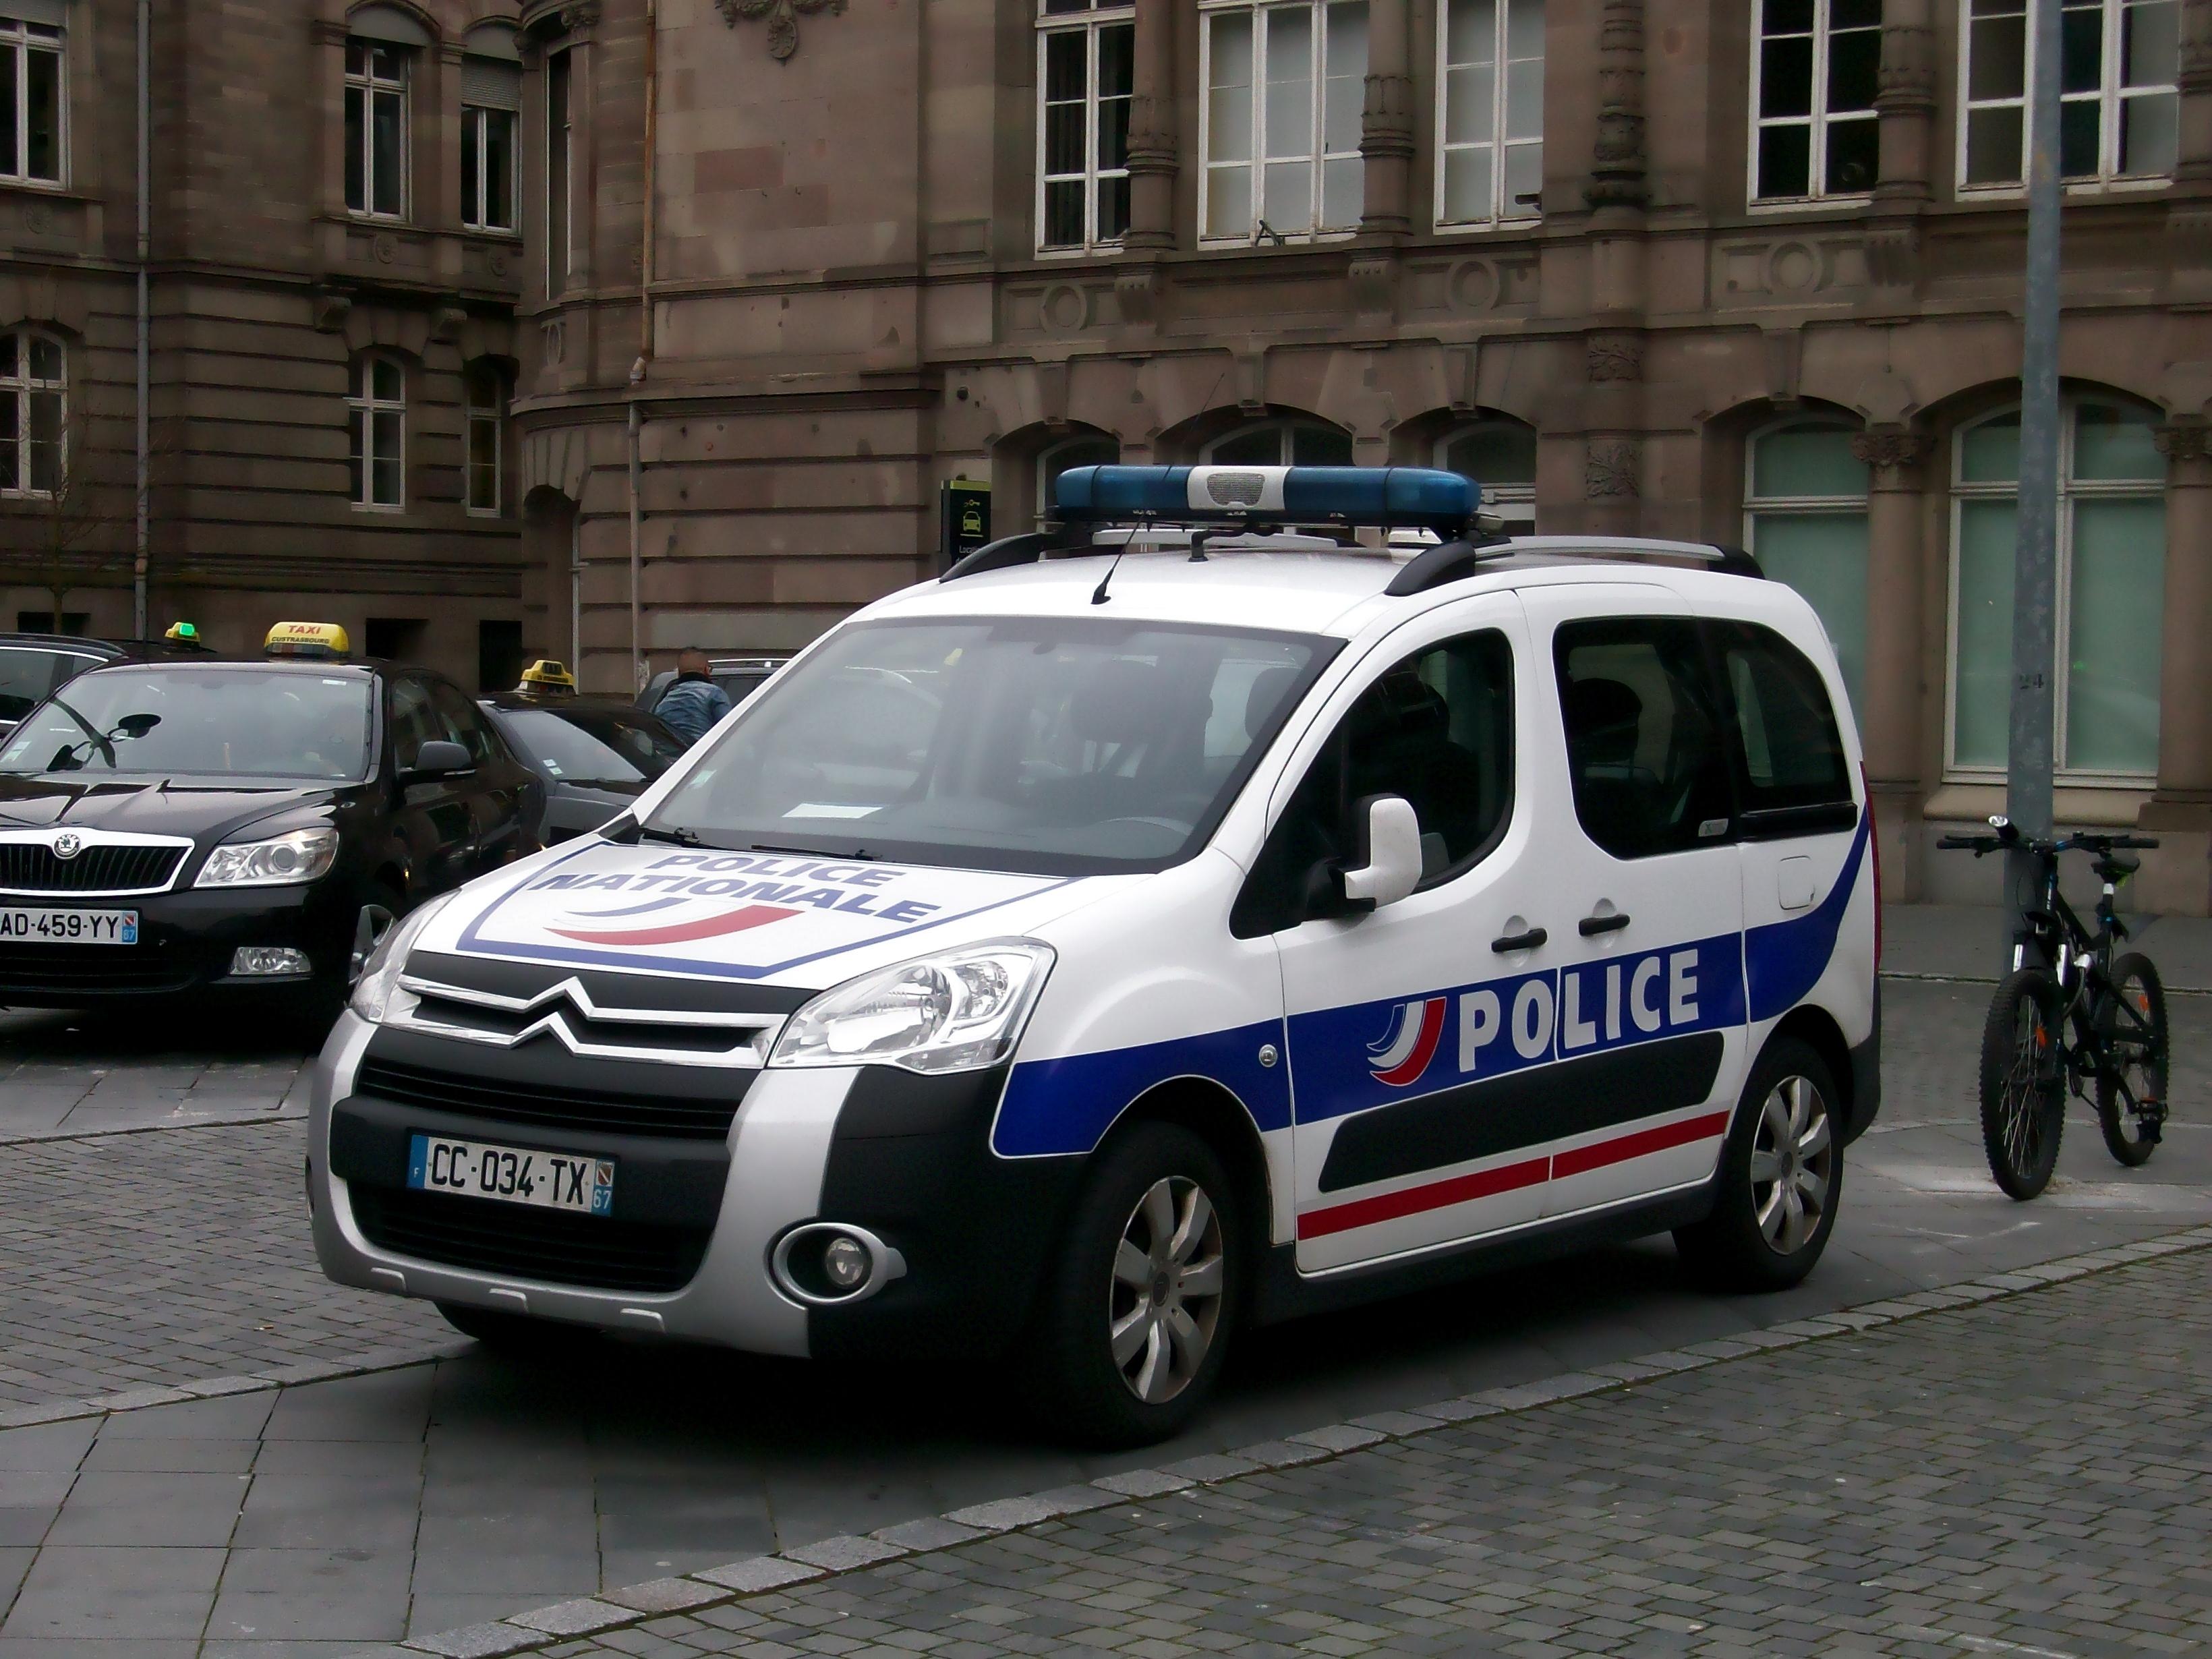 file police nationale gare de strasbourg f vrier 2014 jpg wikimedia commons. Black Bedroom Furniture Sets. Home Design Ideas